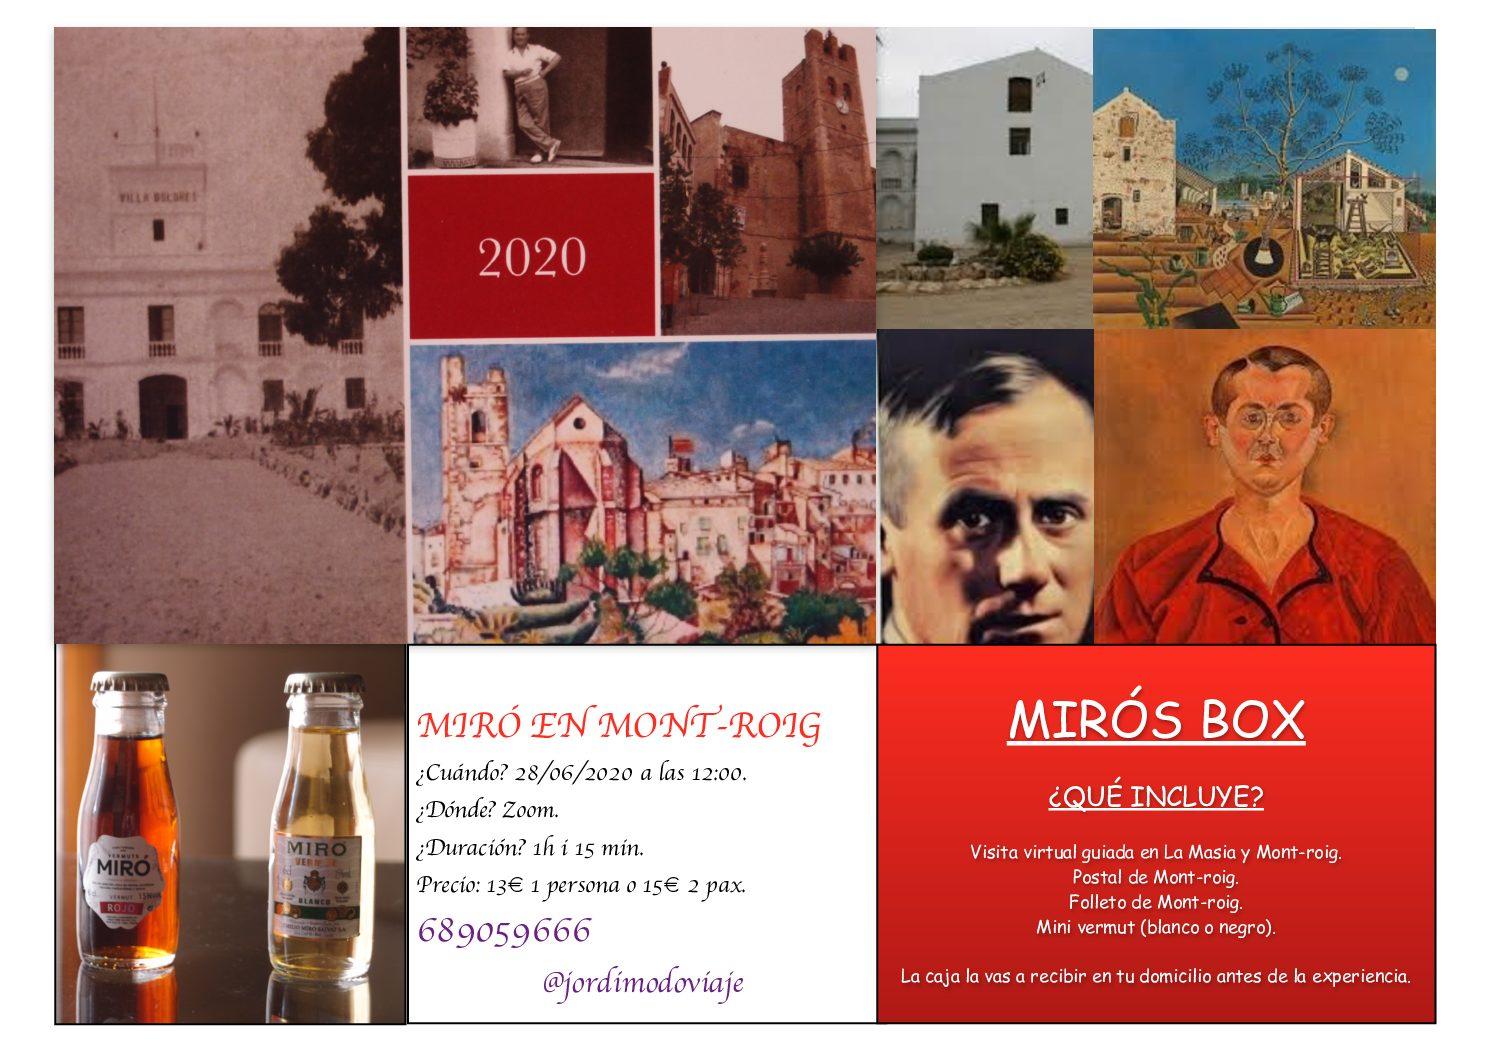 Experiencia virtual Miró: Mont-roig con los ojos de Joan Miró